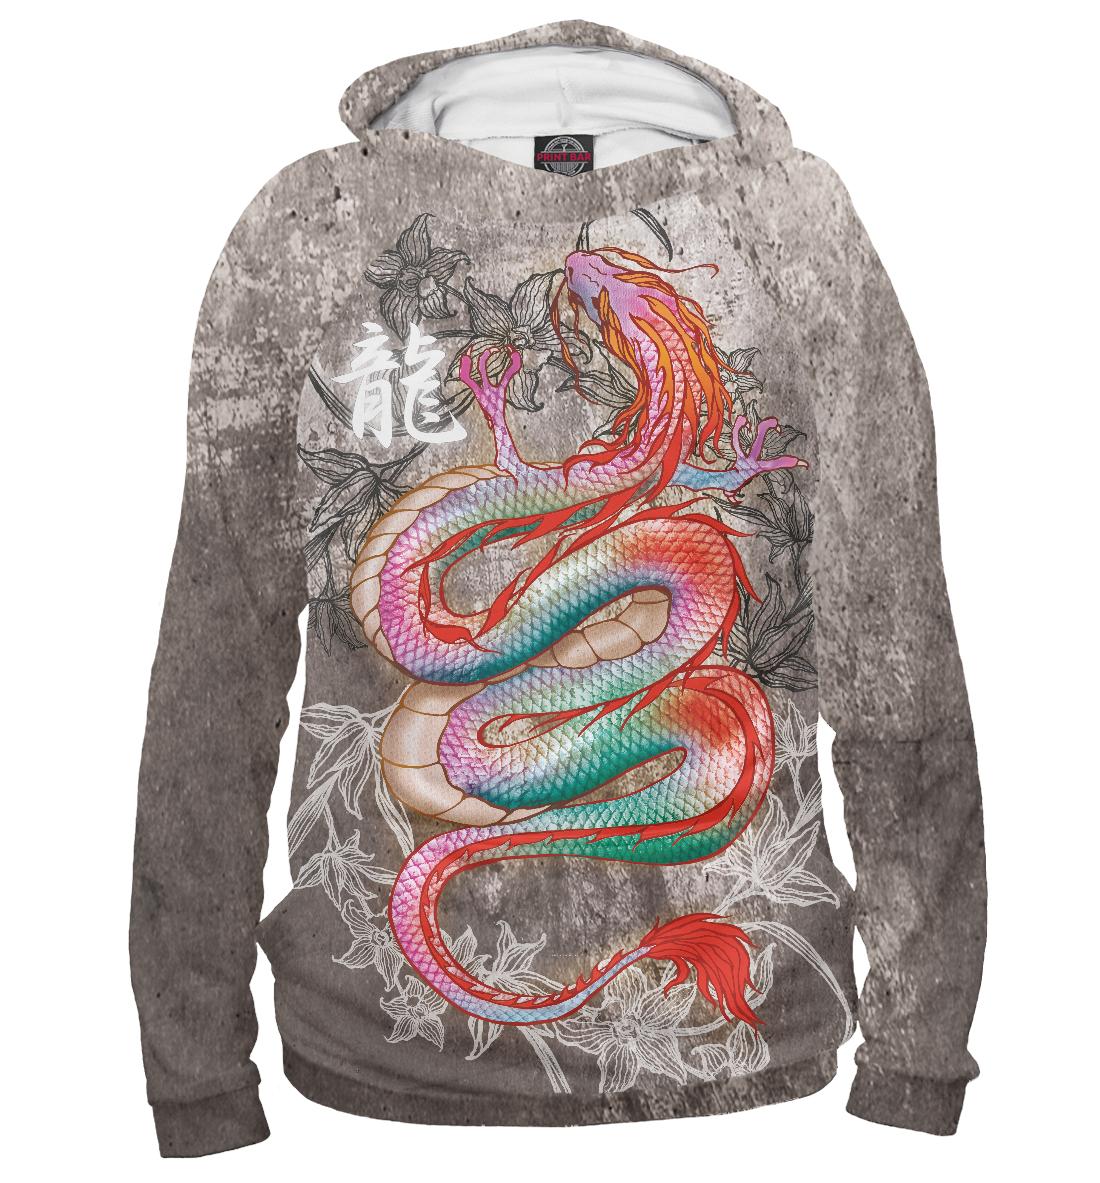 Купить Восточный дракон, Printbar, Худи, DRA-849795-hud-1